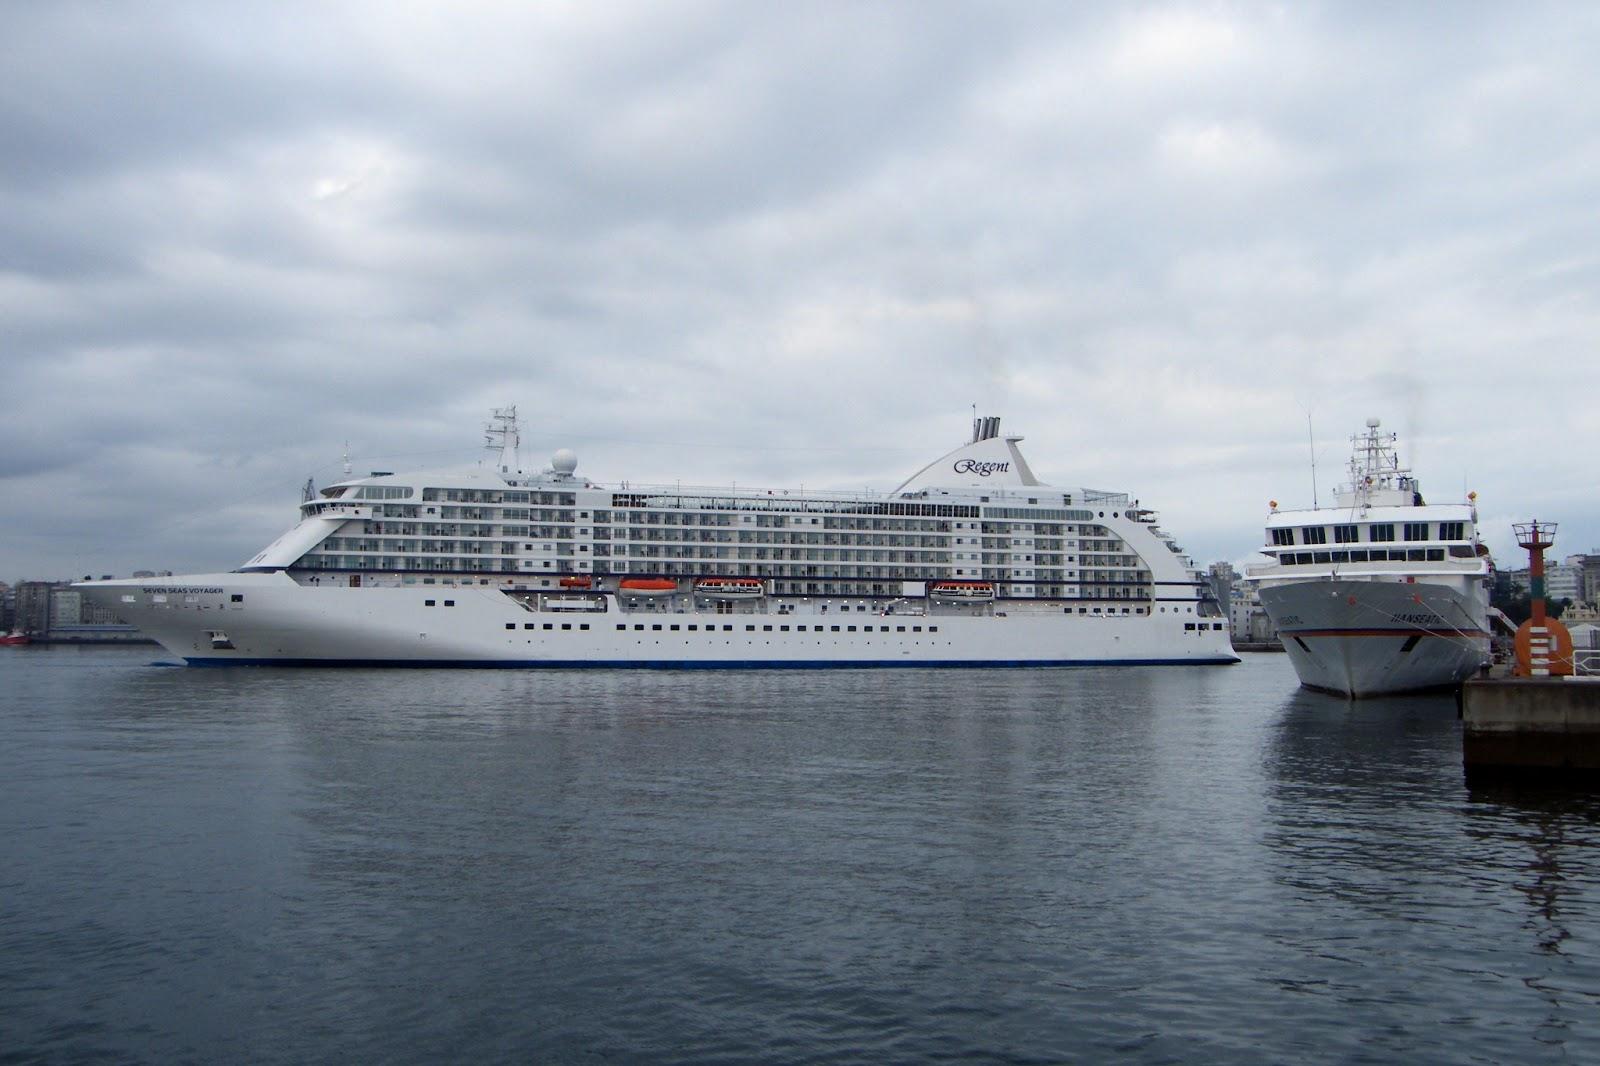 Cruceros en la Ciudad de Cristal: Las distintas caras del lujo (Parte 2)